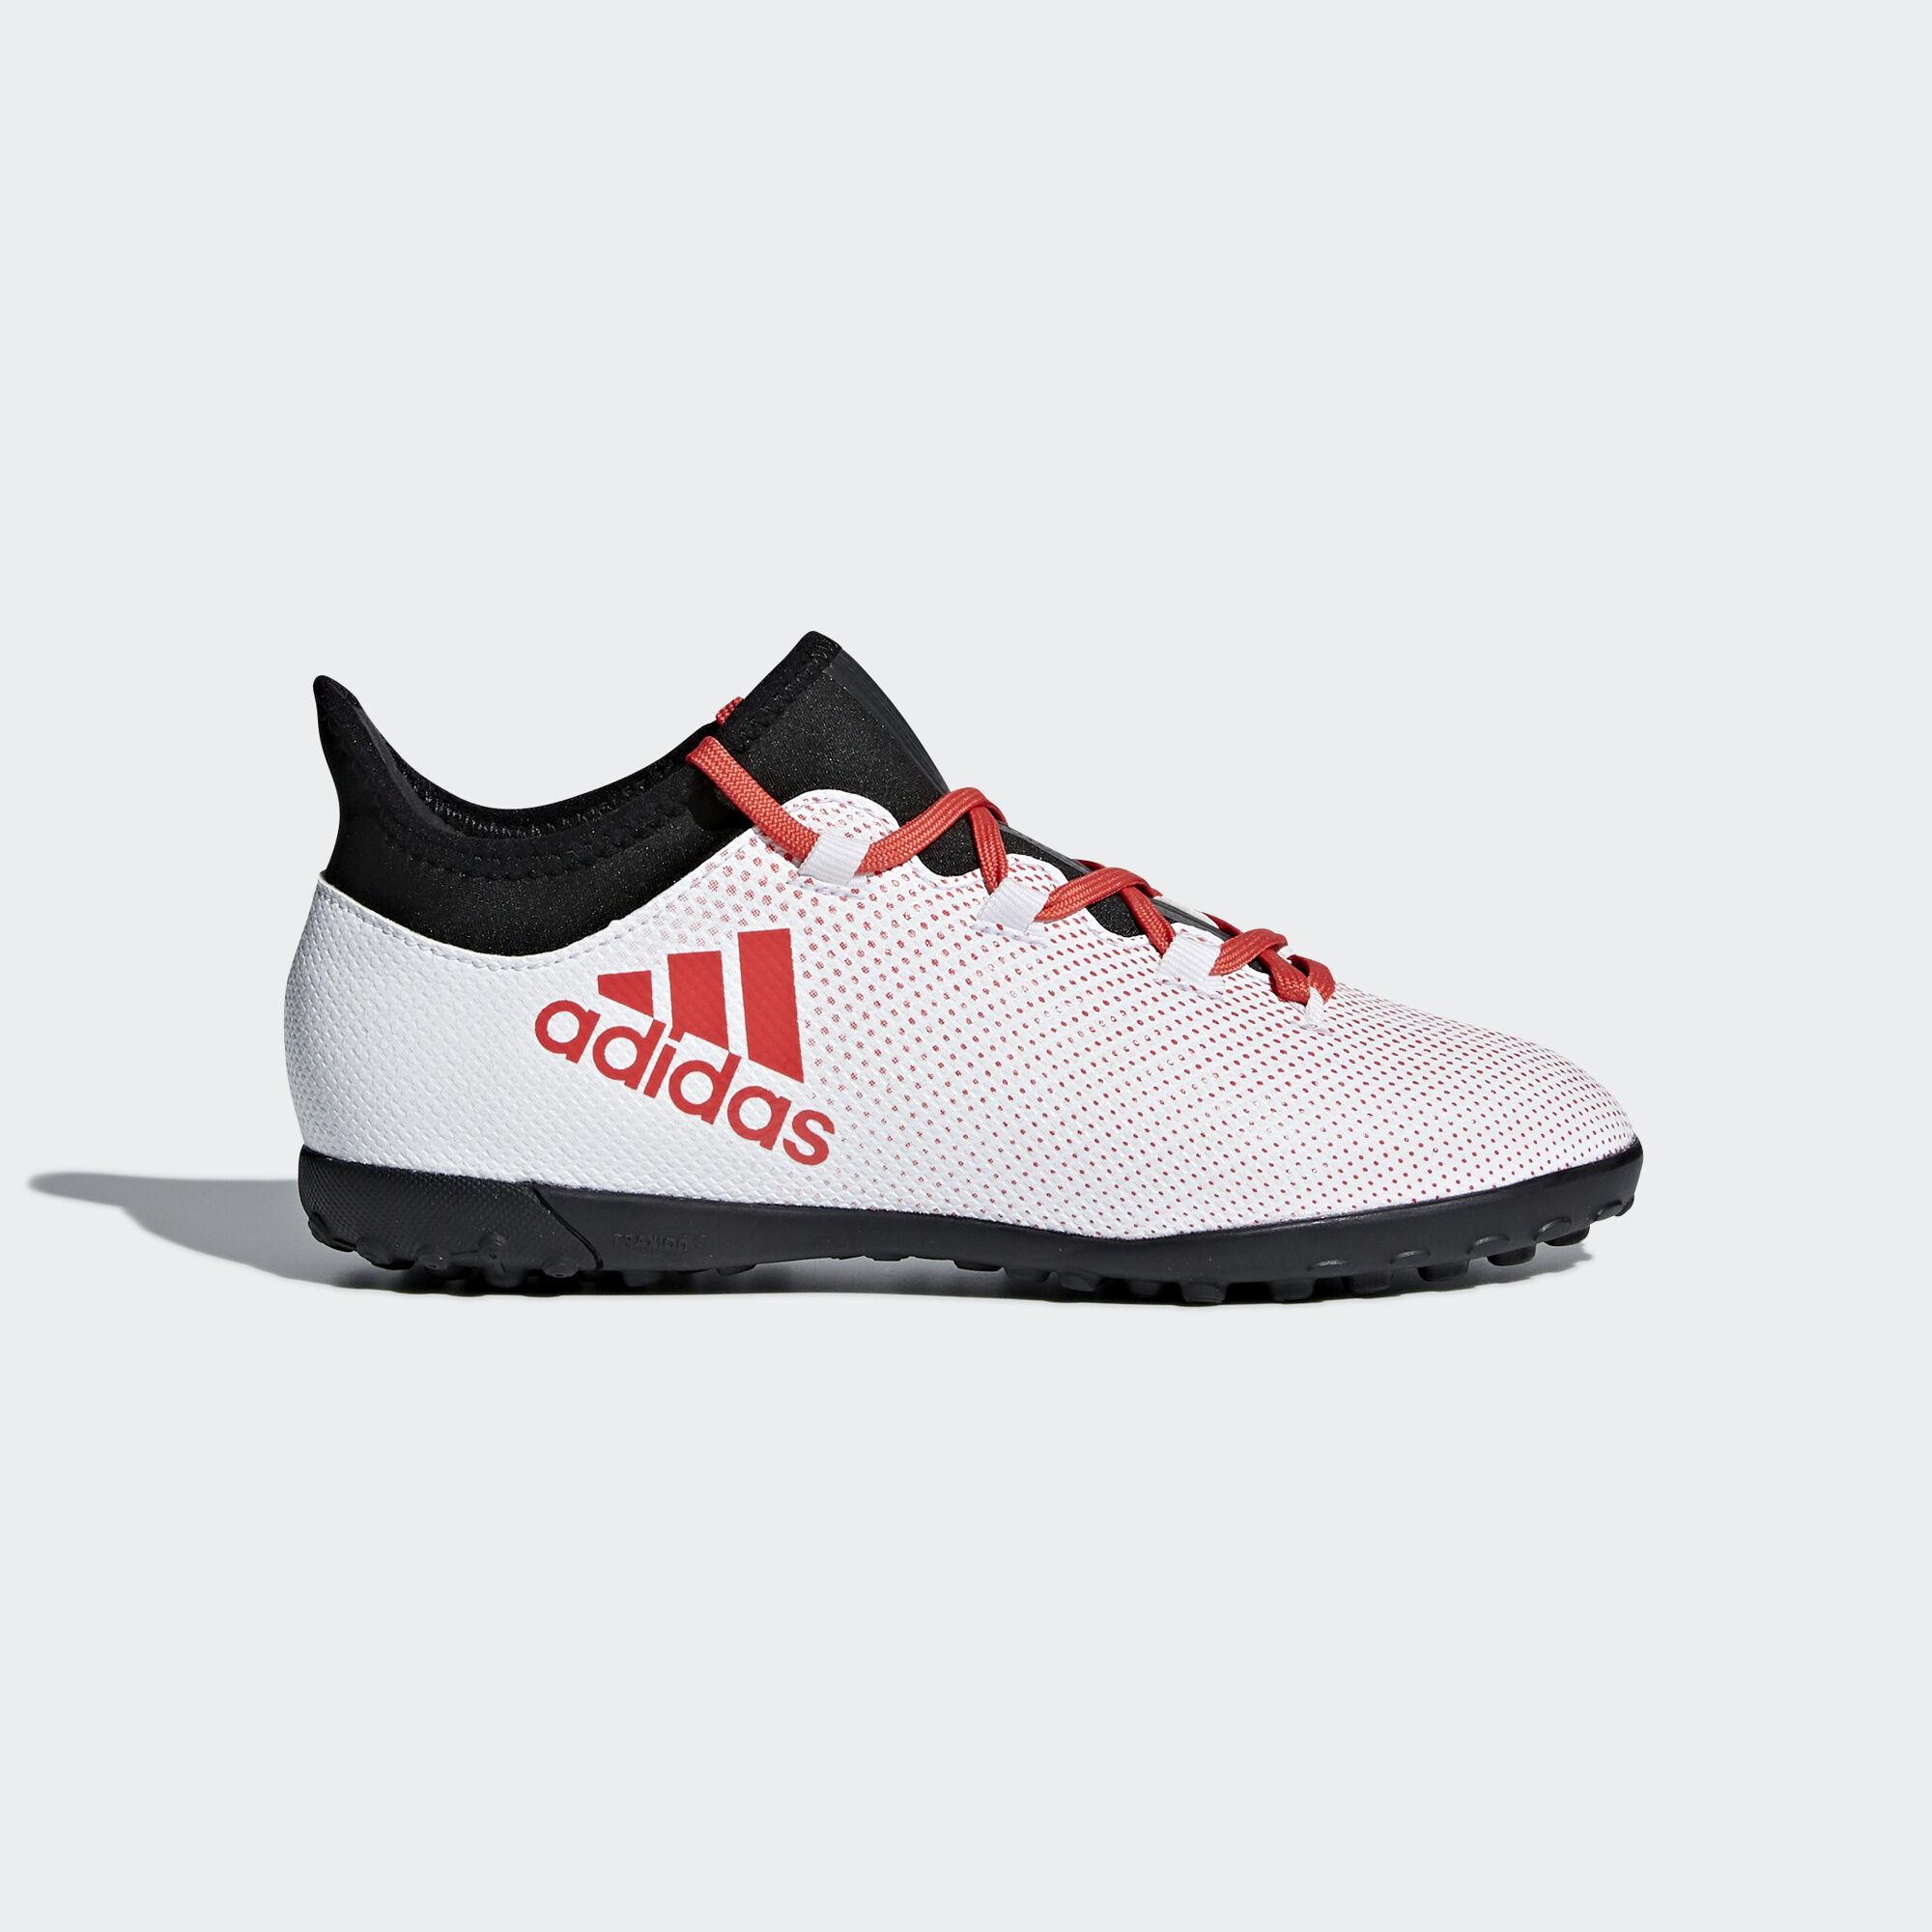 adidas turf shoes x tango